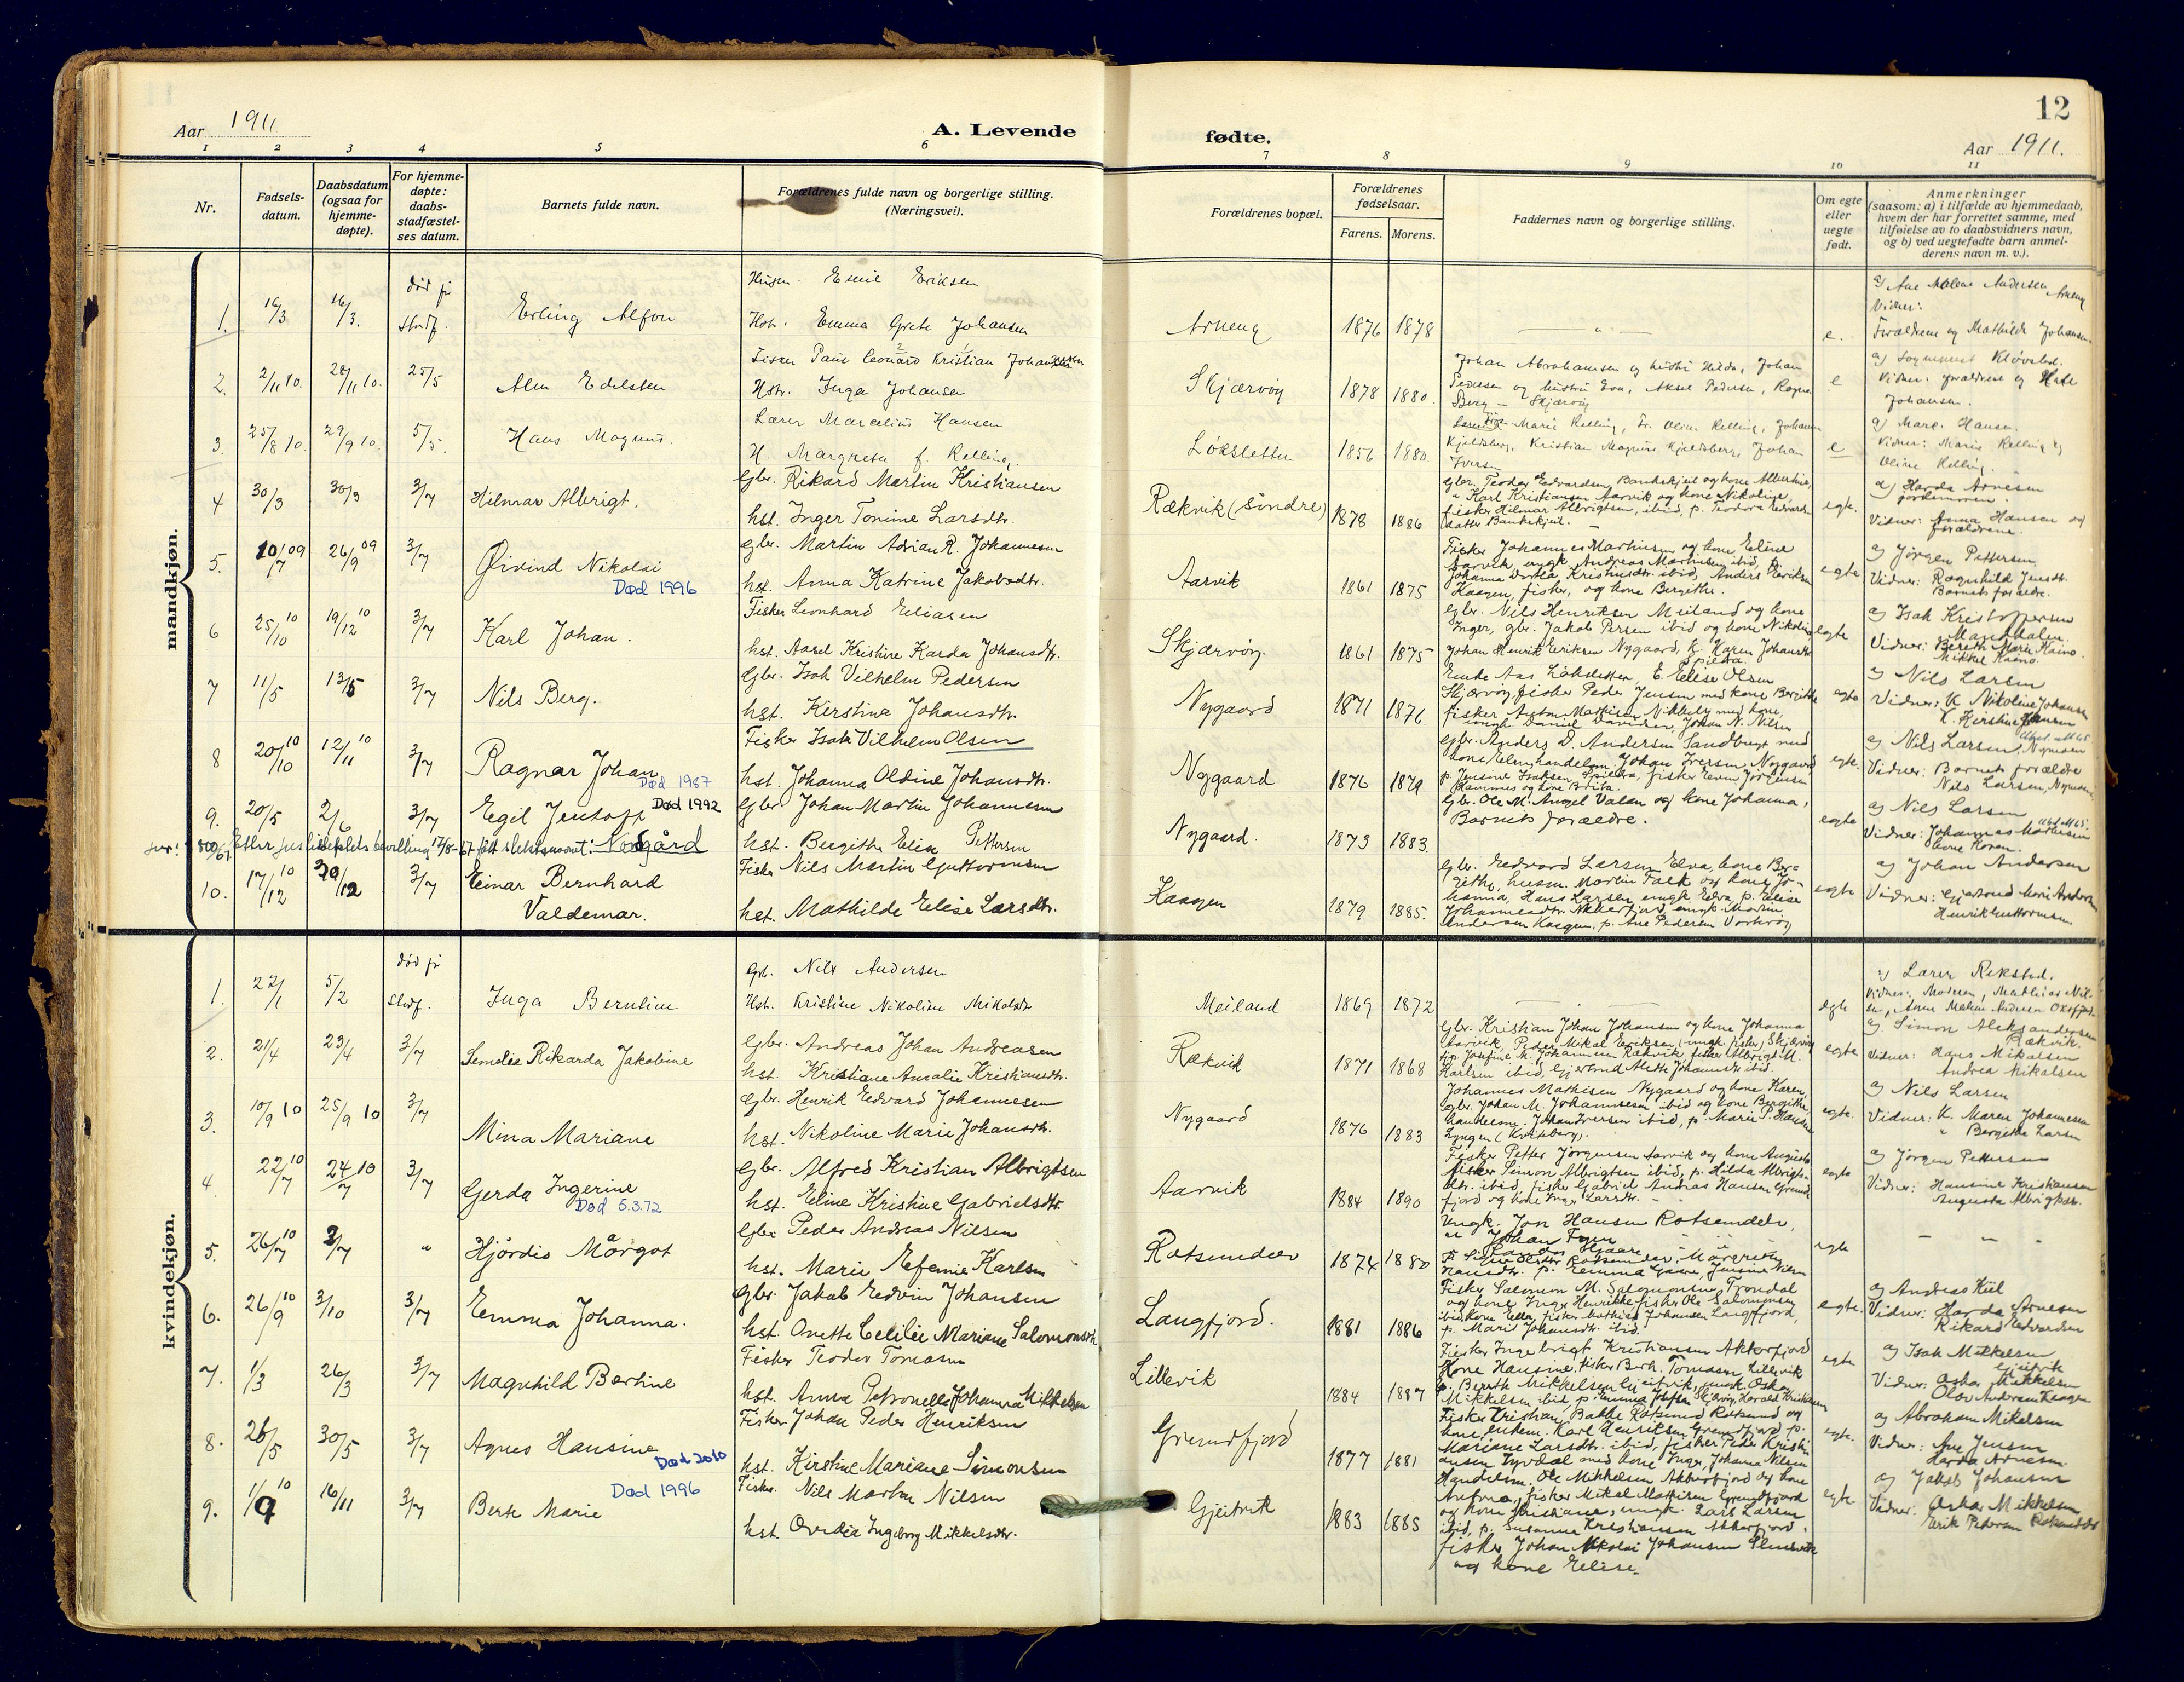 SATØ, Skjervøy sokneprestkontor, H/Ha/Haa: Ministerialbok nr. 18, 1910-1926, s. 12